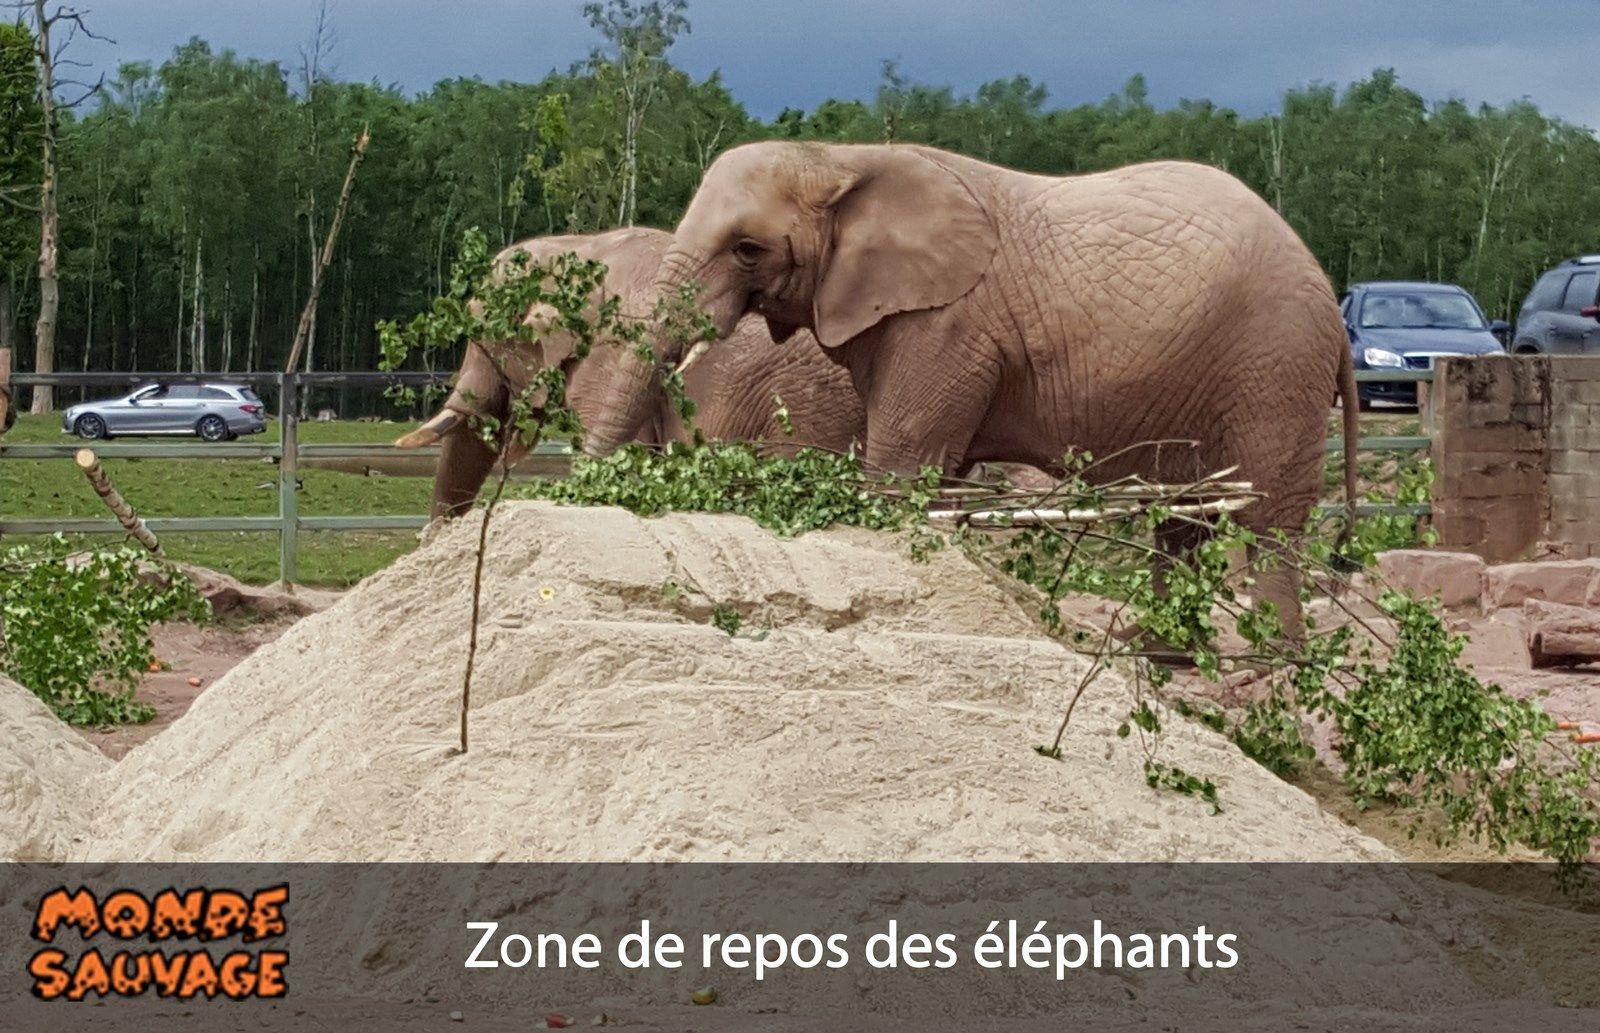 Enrichissements de l'enclos des éléphants.